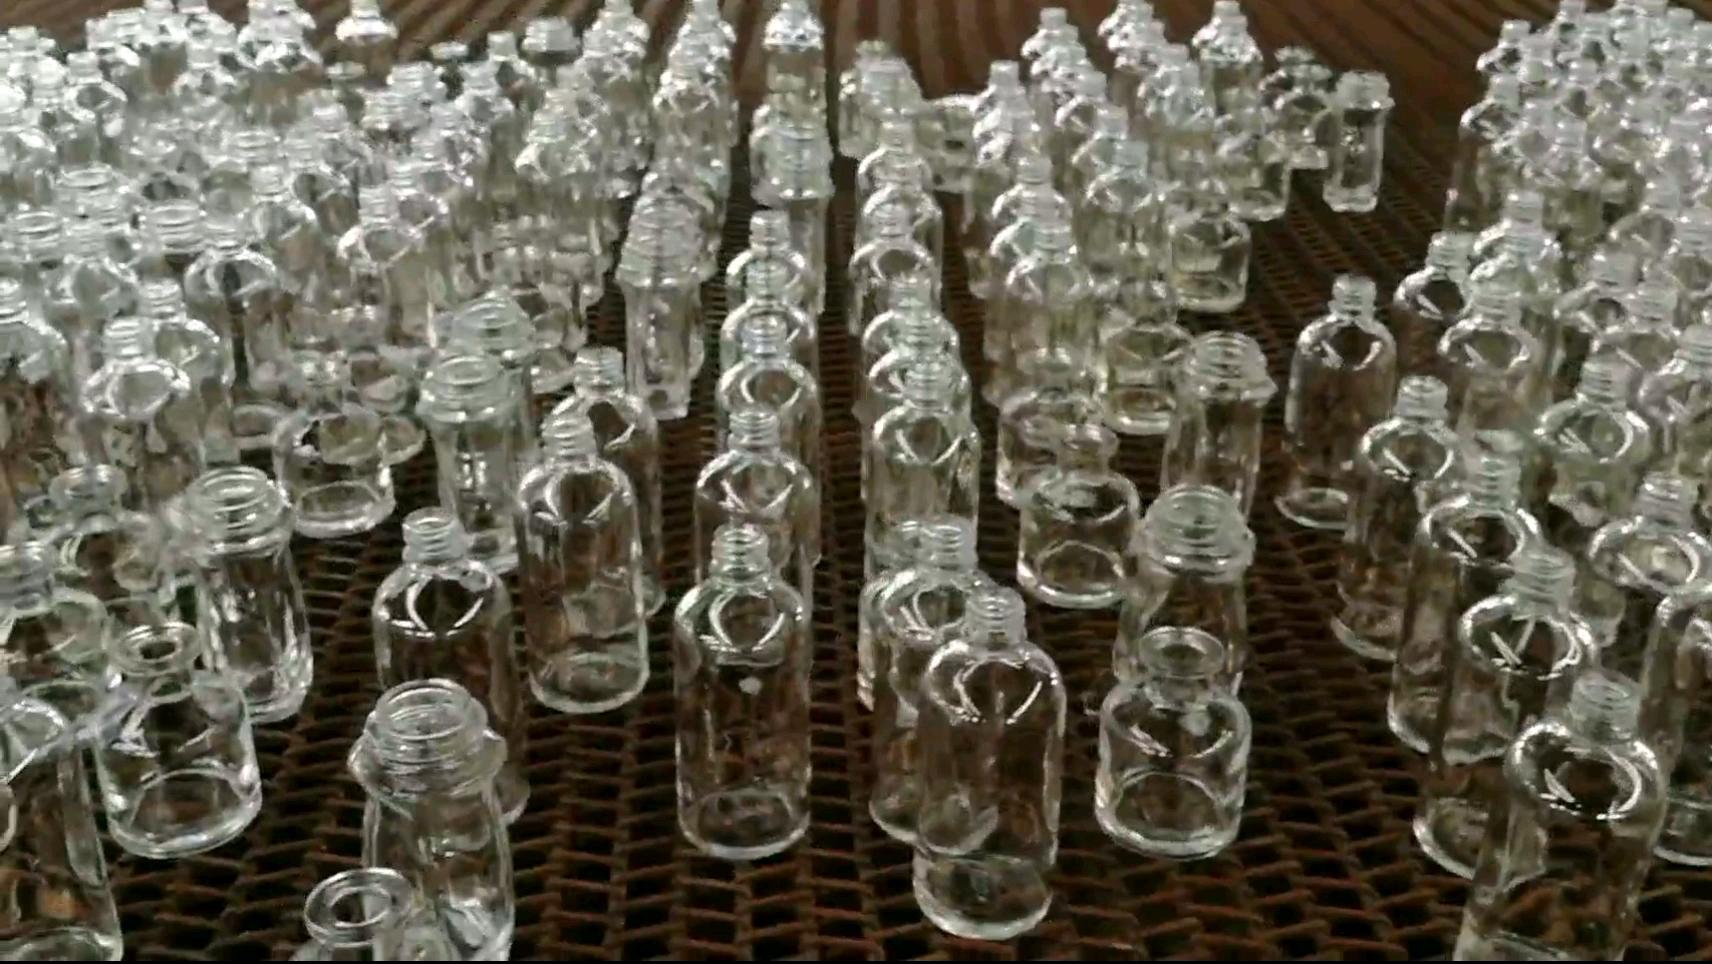 Runde Glasflasche 50m 100ml 180ml 240ml 350ml 500ml Auf Bestellung als Käufer Muster